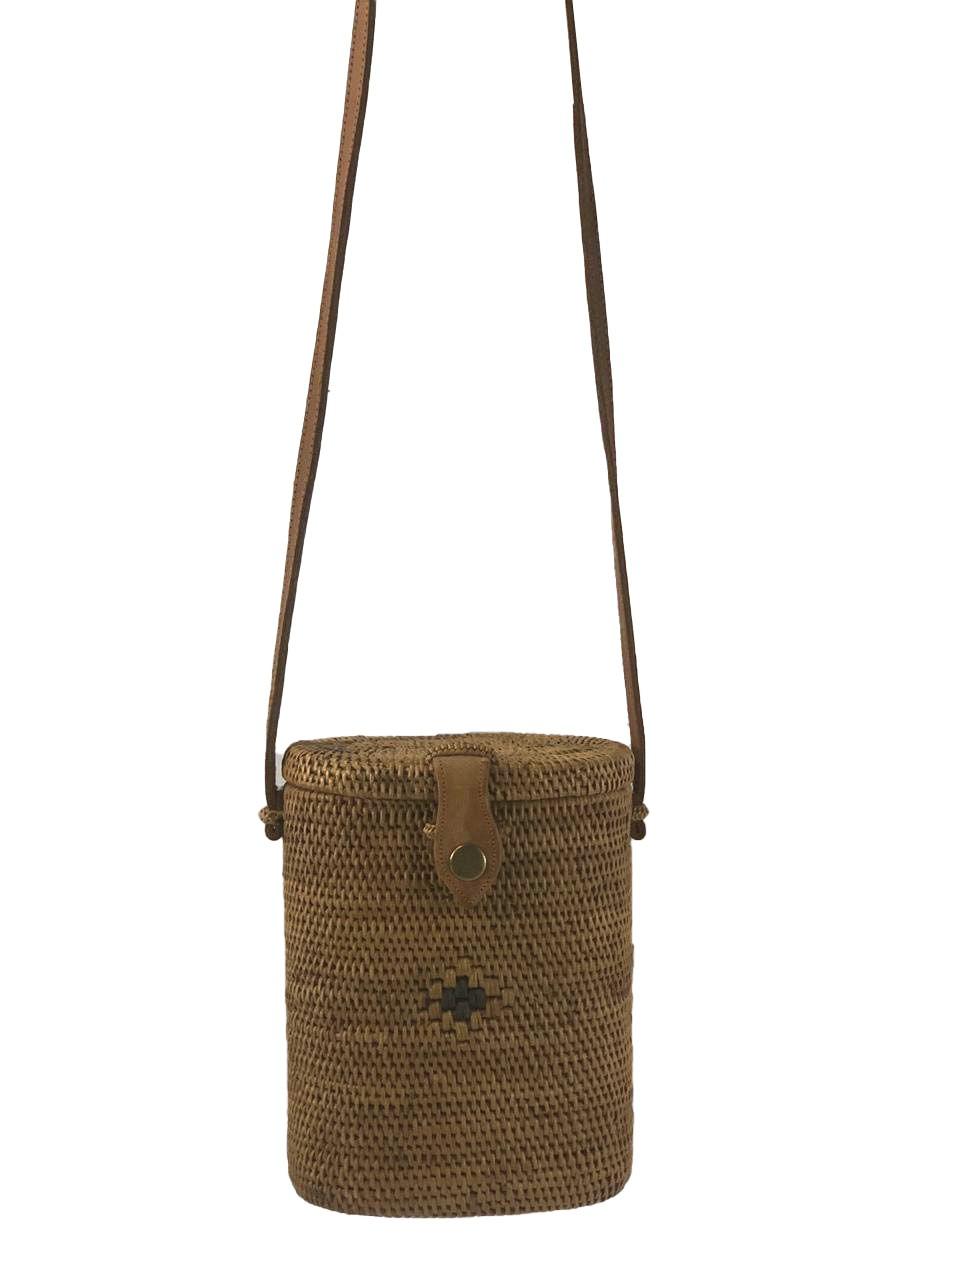 Bolsa Baú Tradicional de Ombro em Rattan ( Alça 60cm - Bolsa 20cm )